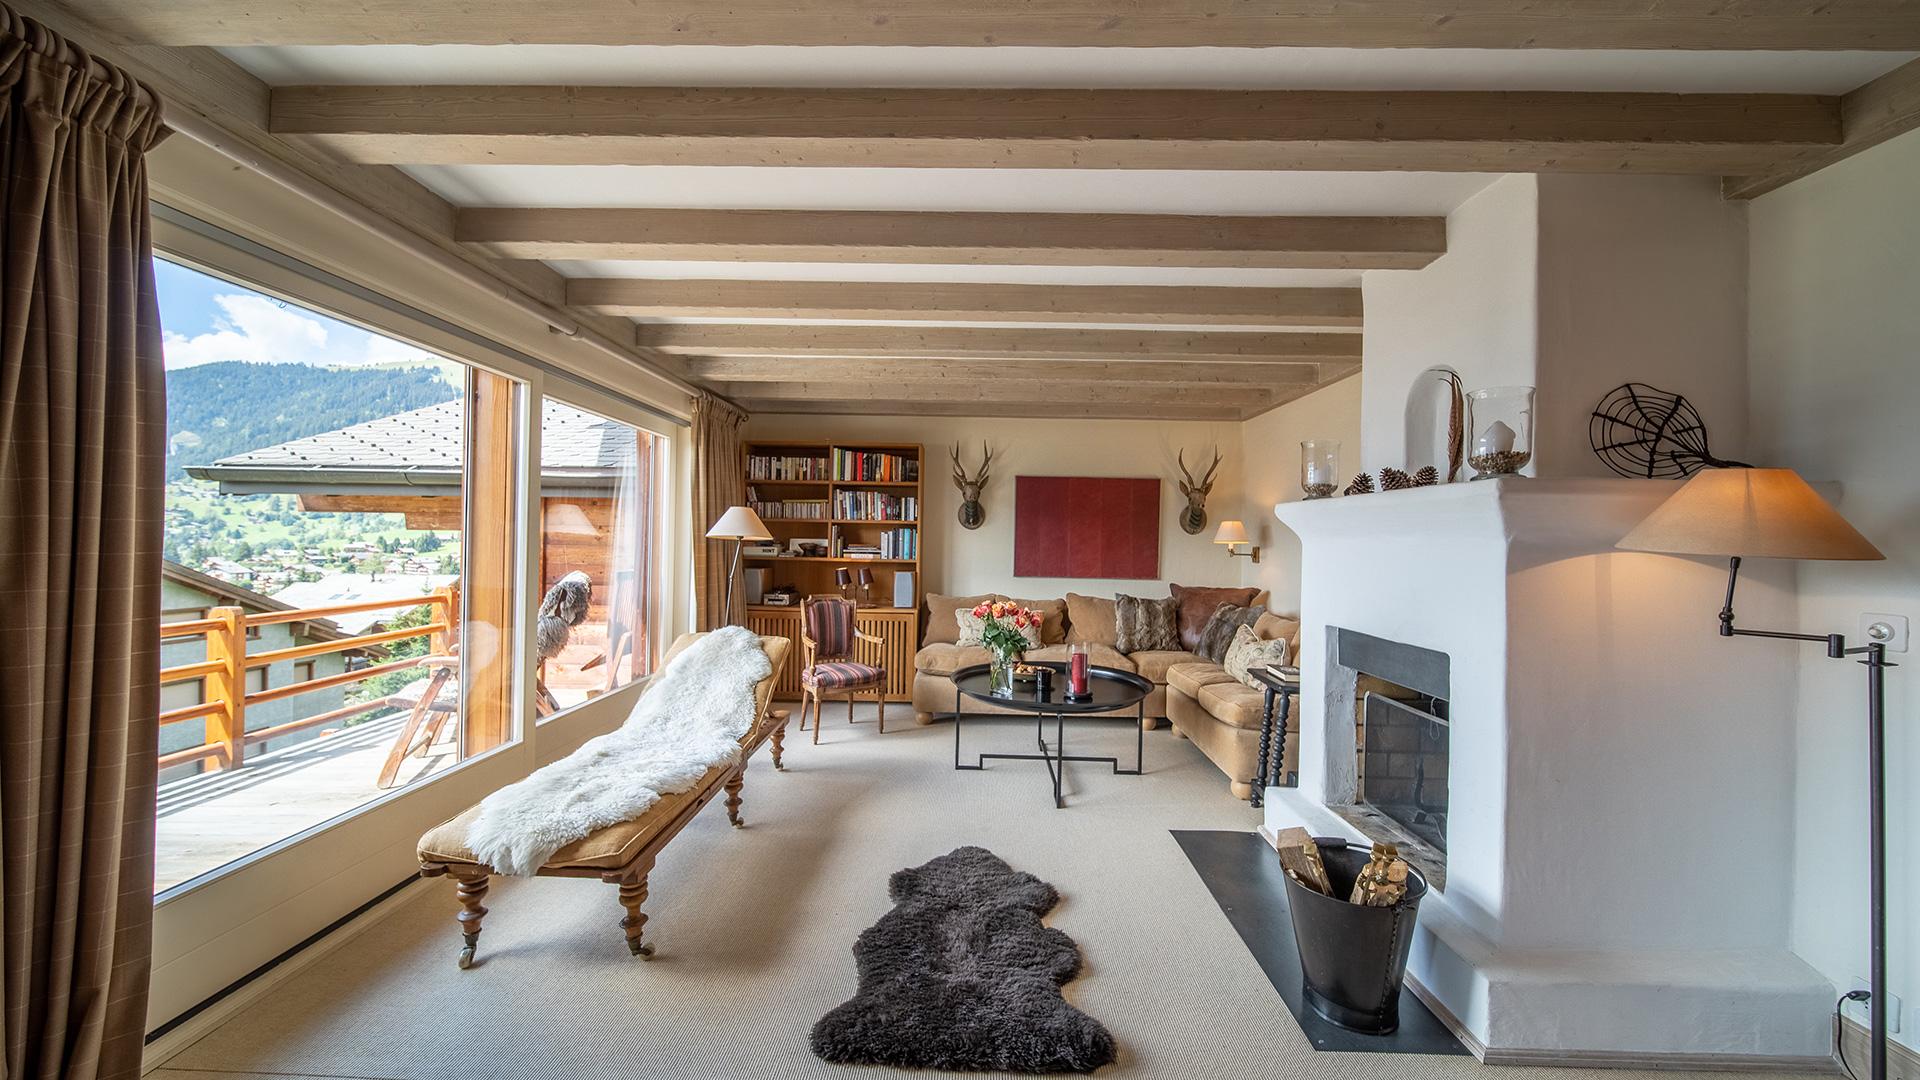 Grignote 3 Apartments, Switzerland